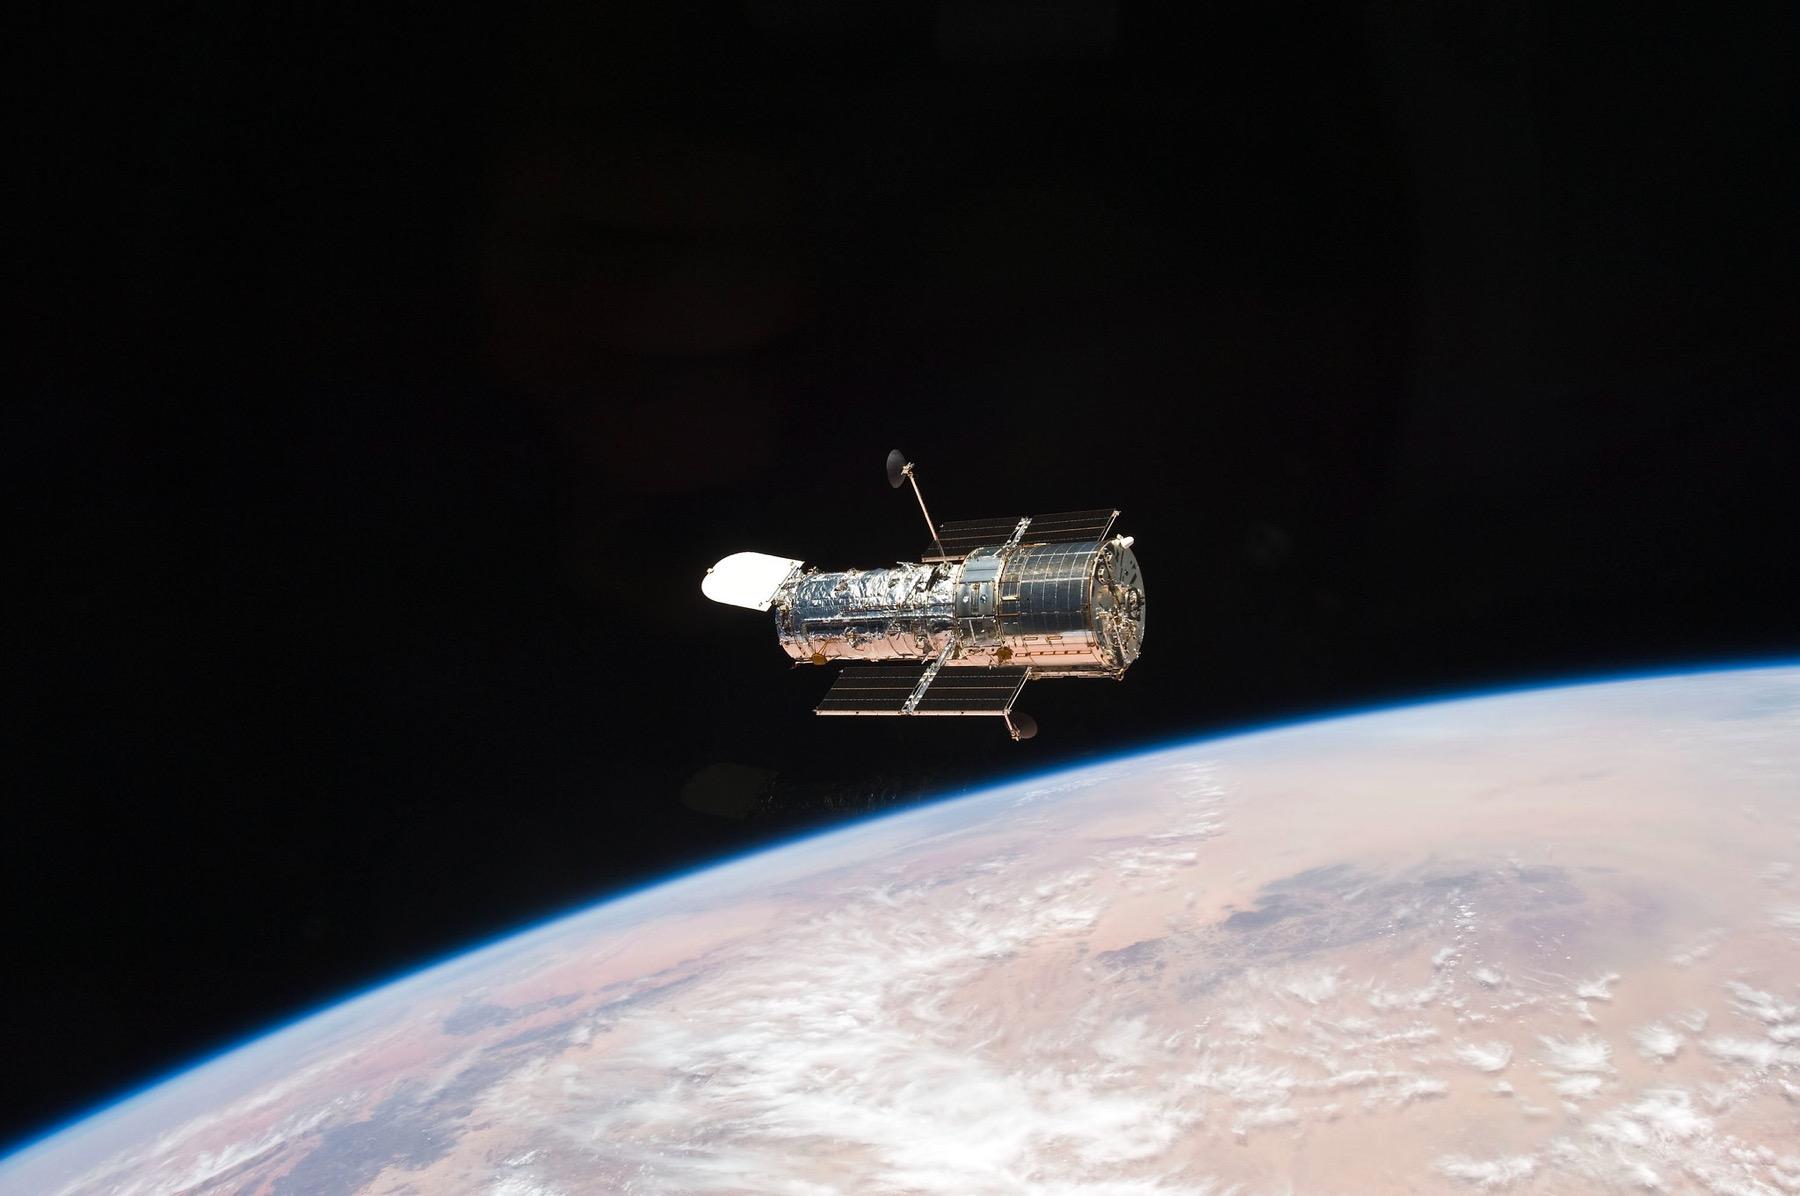 Si queremos conquistar el espacio exterior, la primera parada tiene que ser la Luna